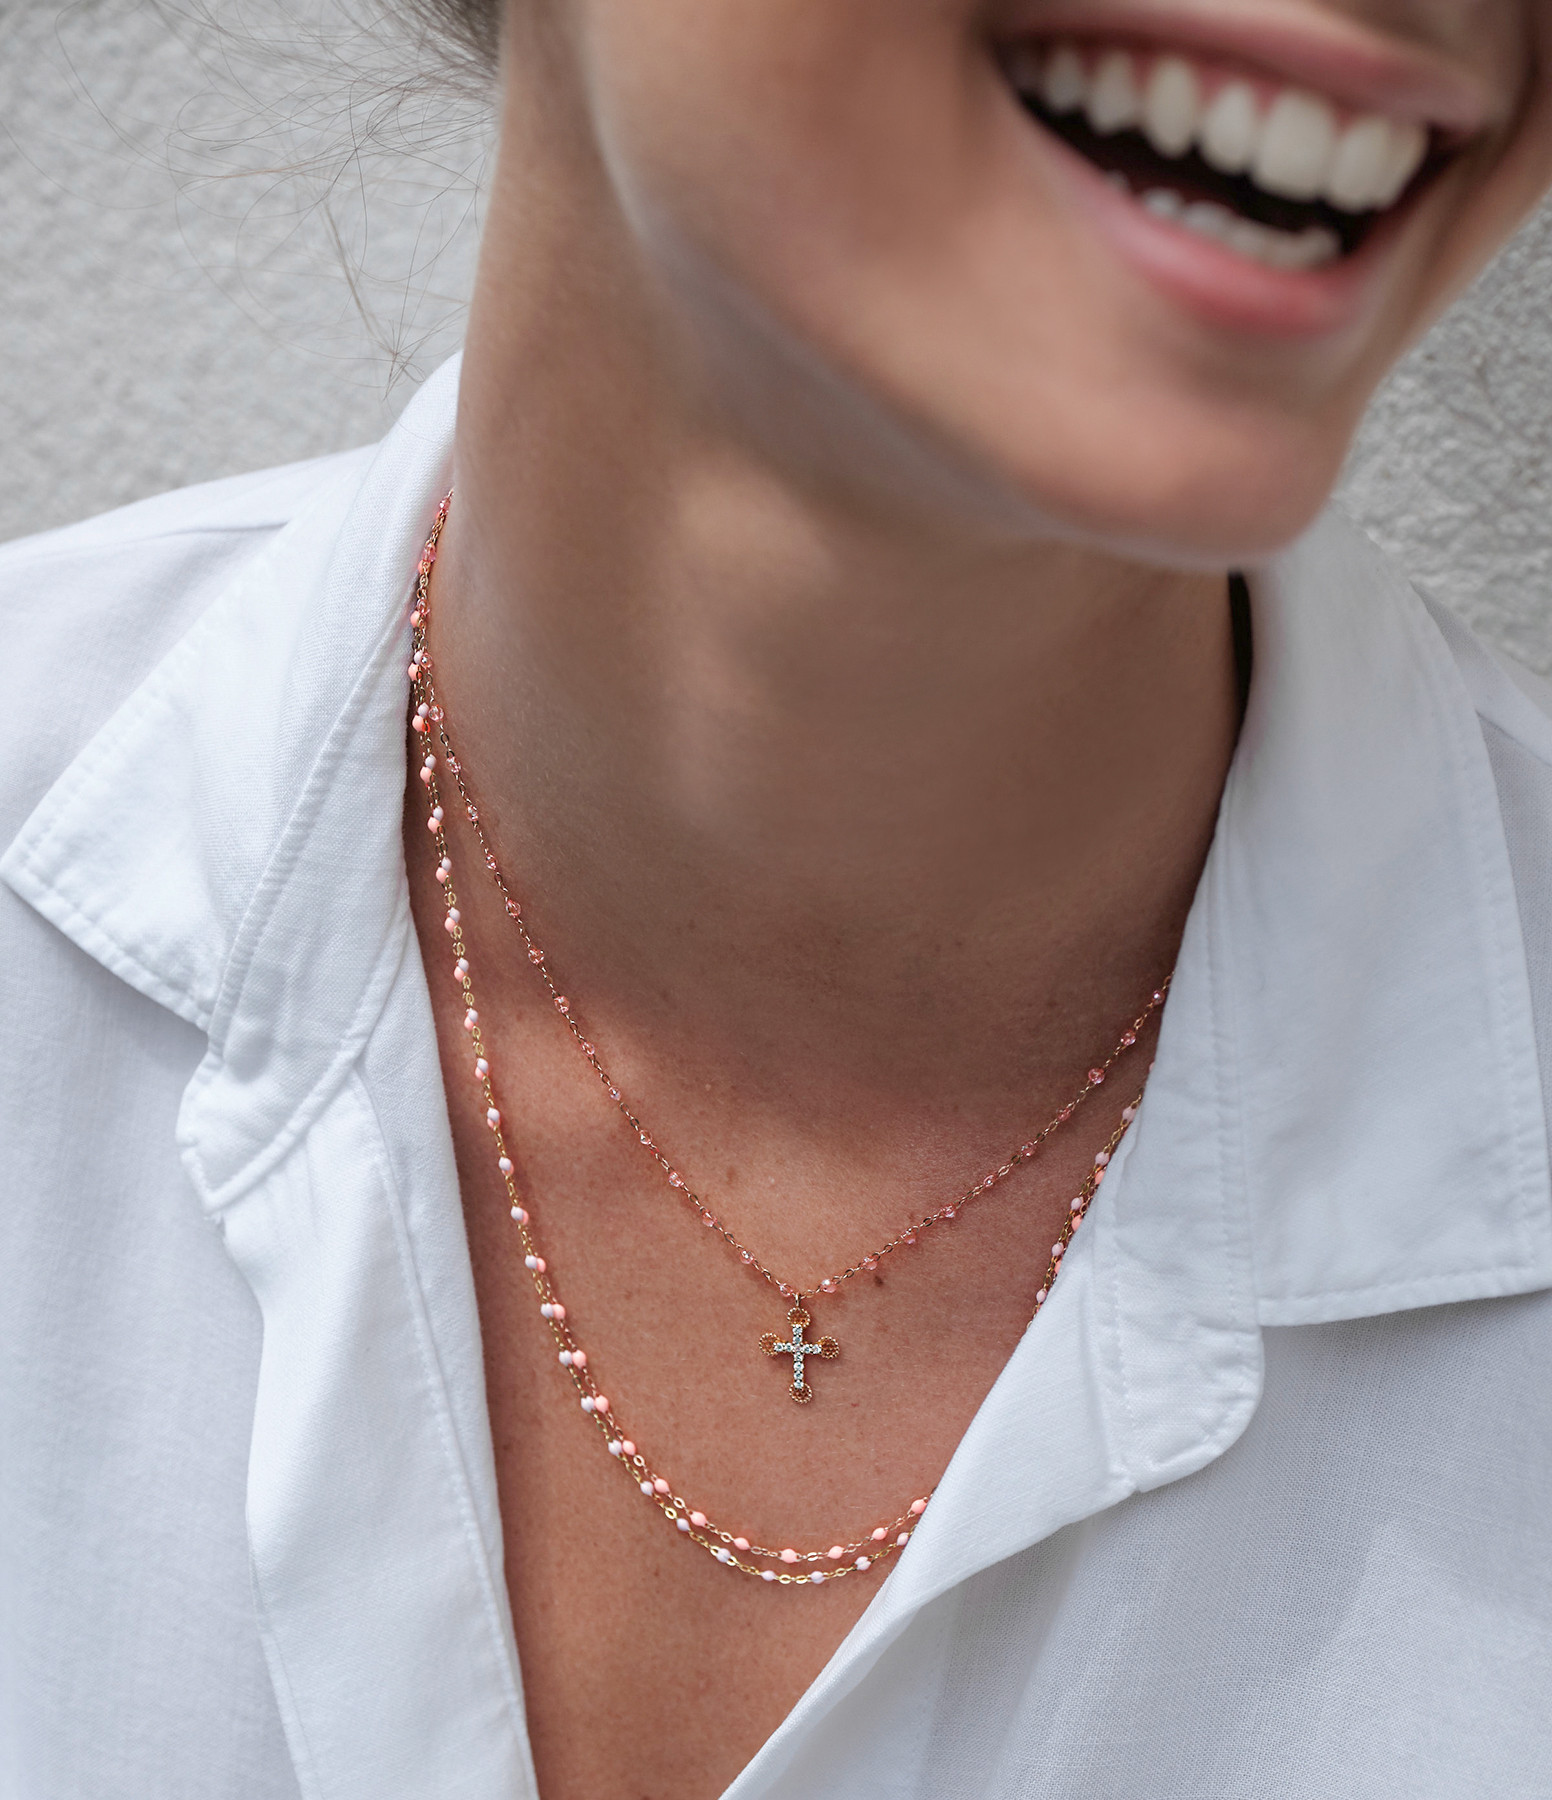 GIGI CLOZEAU - Collier Croix Madone Perles Résine Or